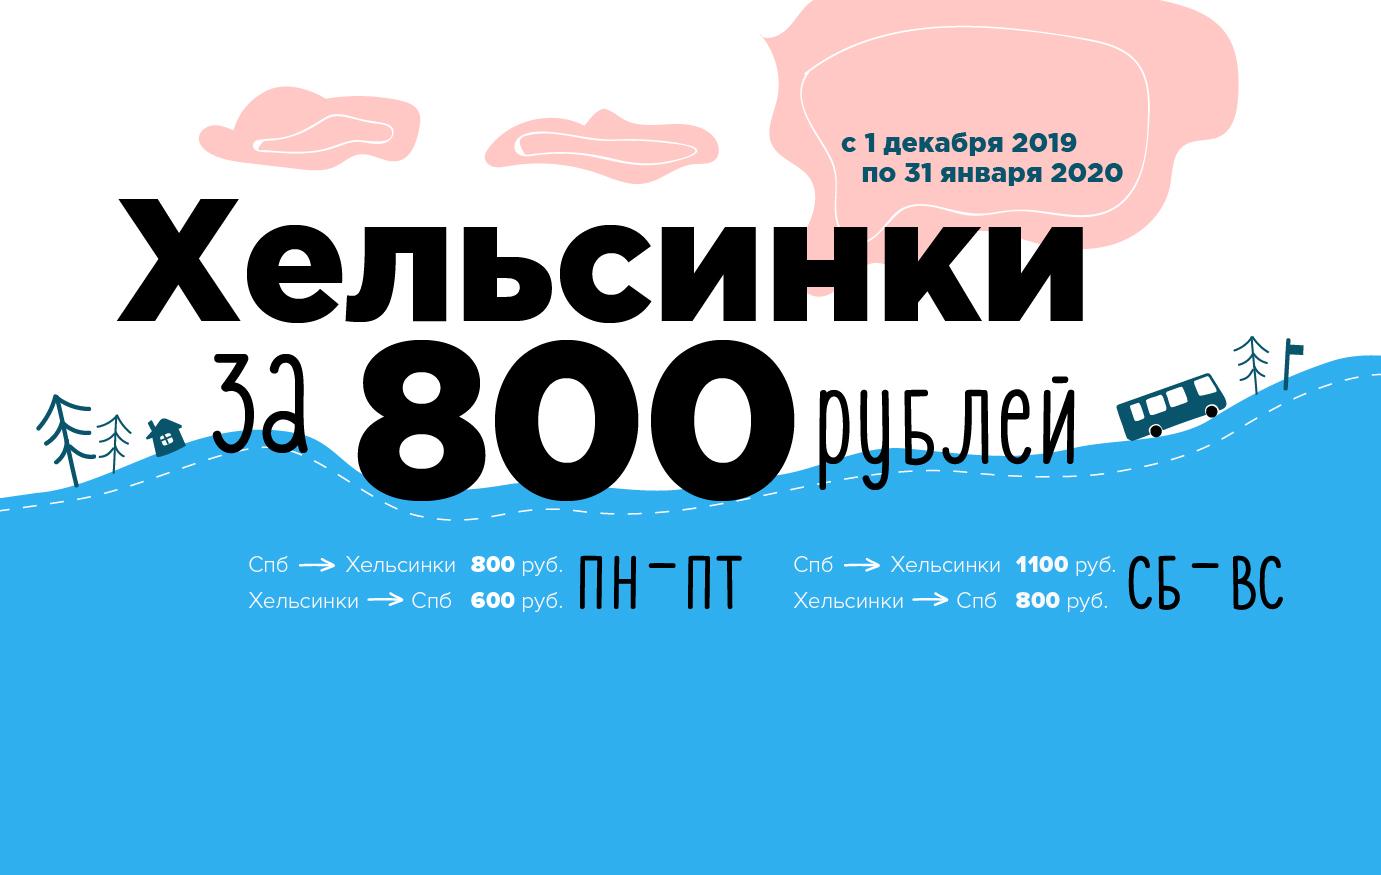 Предновогодняя оттепель: жаркие цены до конца января. Билеты от 600 рублей!